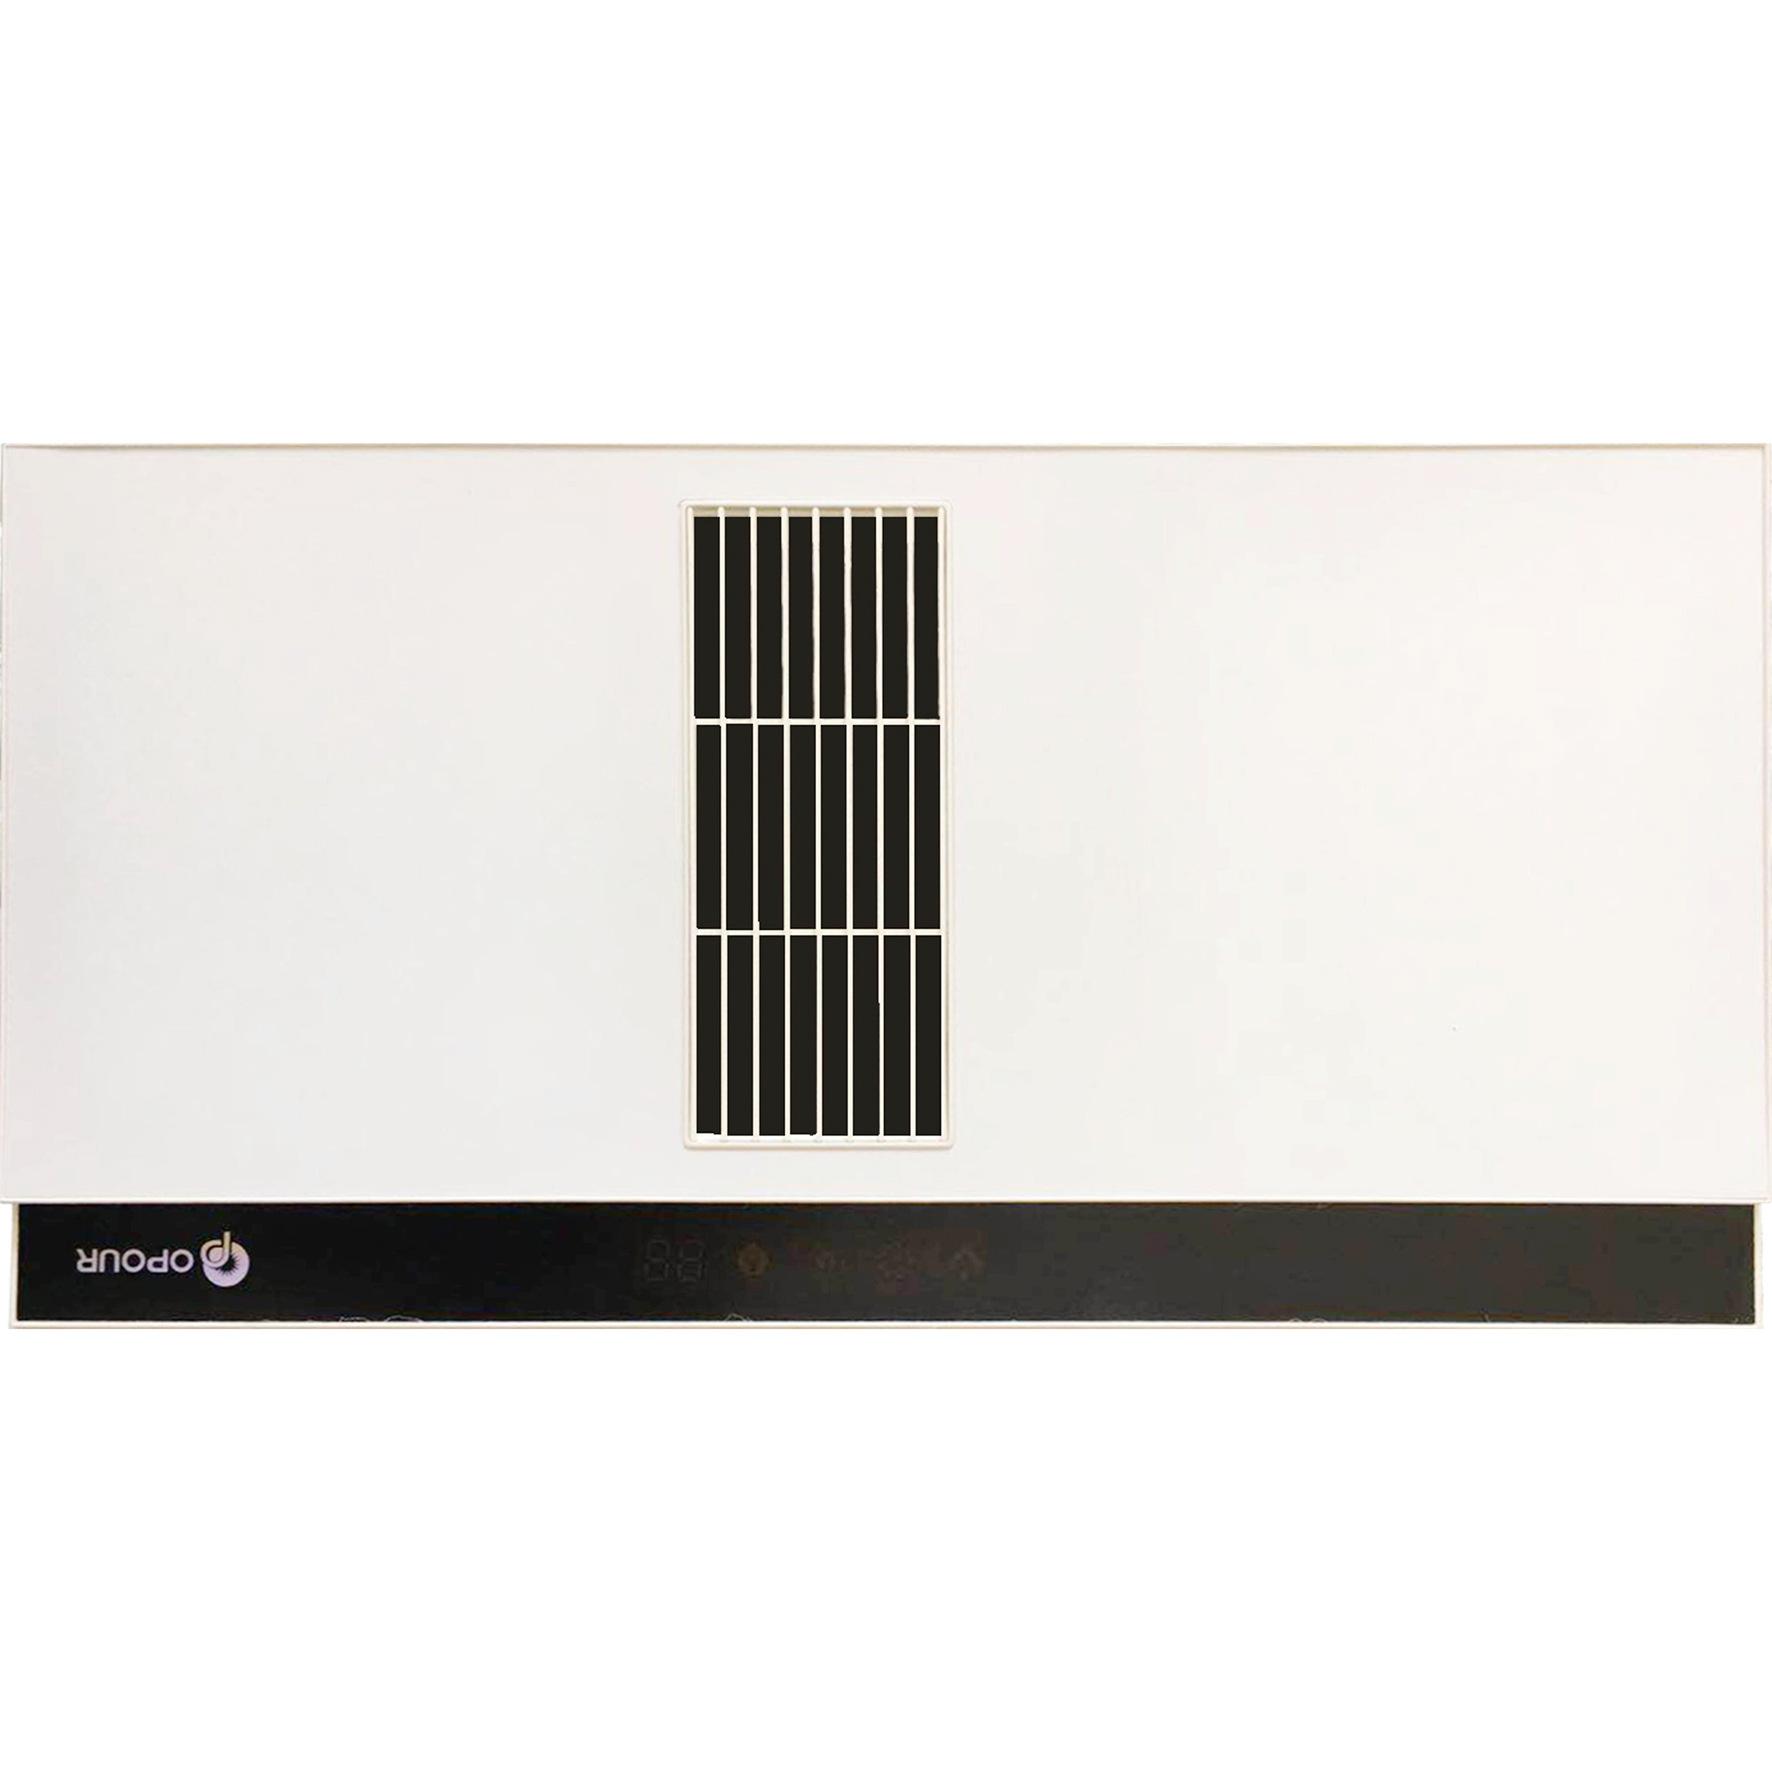 Máy hâm nóng chạy nhiều chức năng Yuba hệ thống nóng thông minh